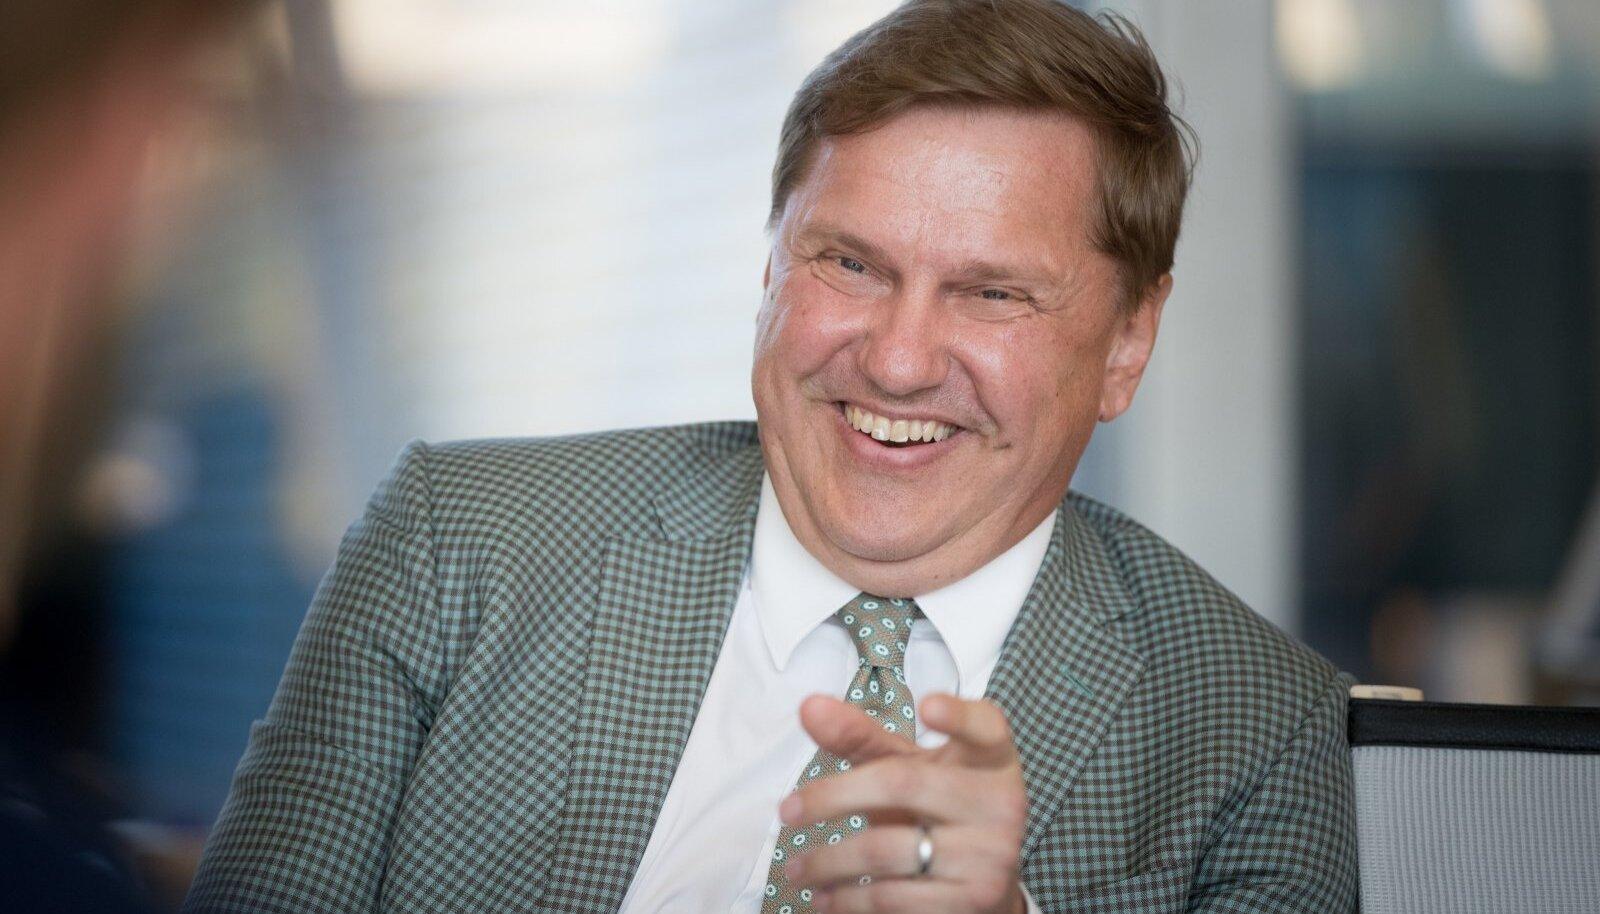 Endine pangajuht, nüüdne Tallinki suuromanik Ain Hanschmidt.